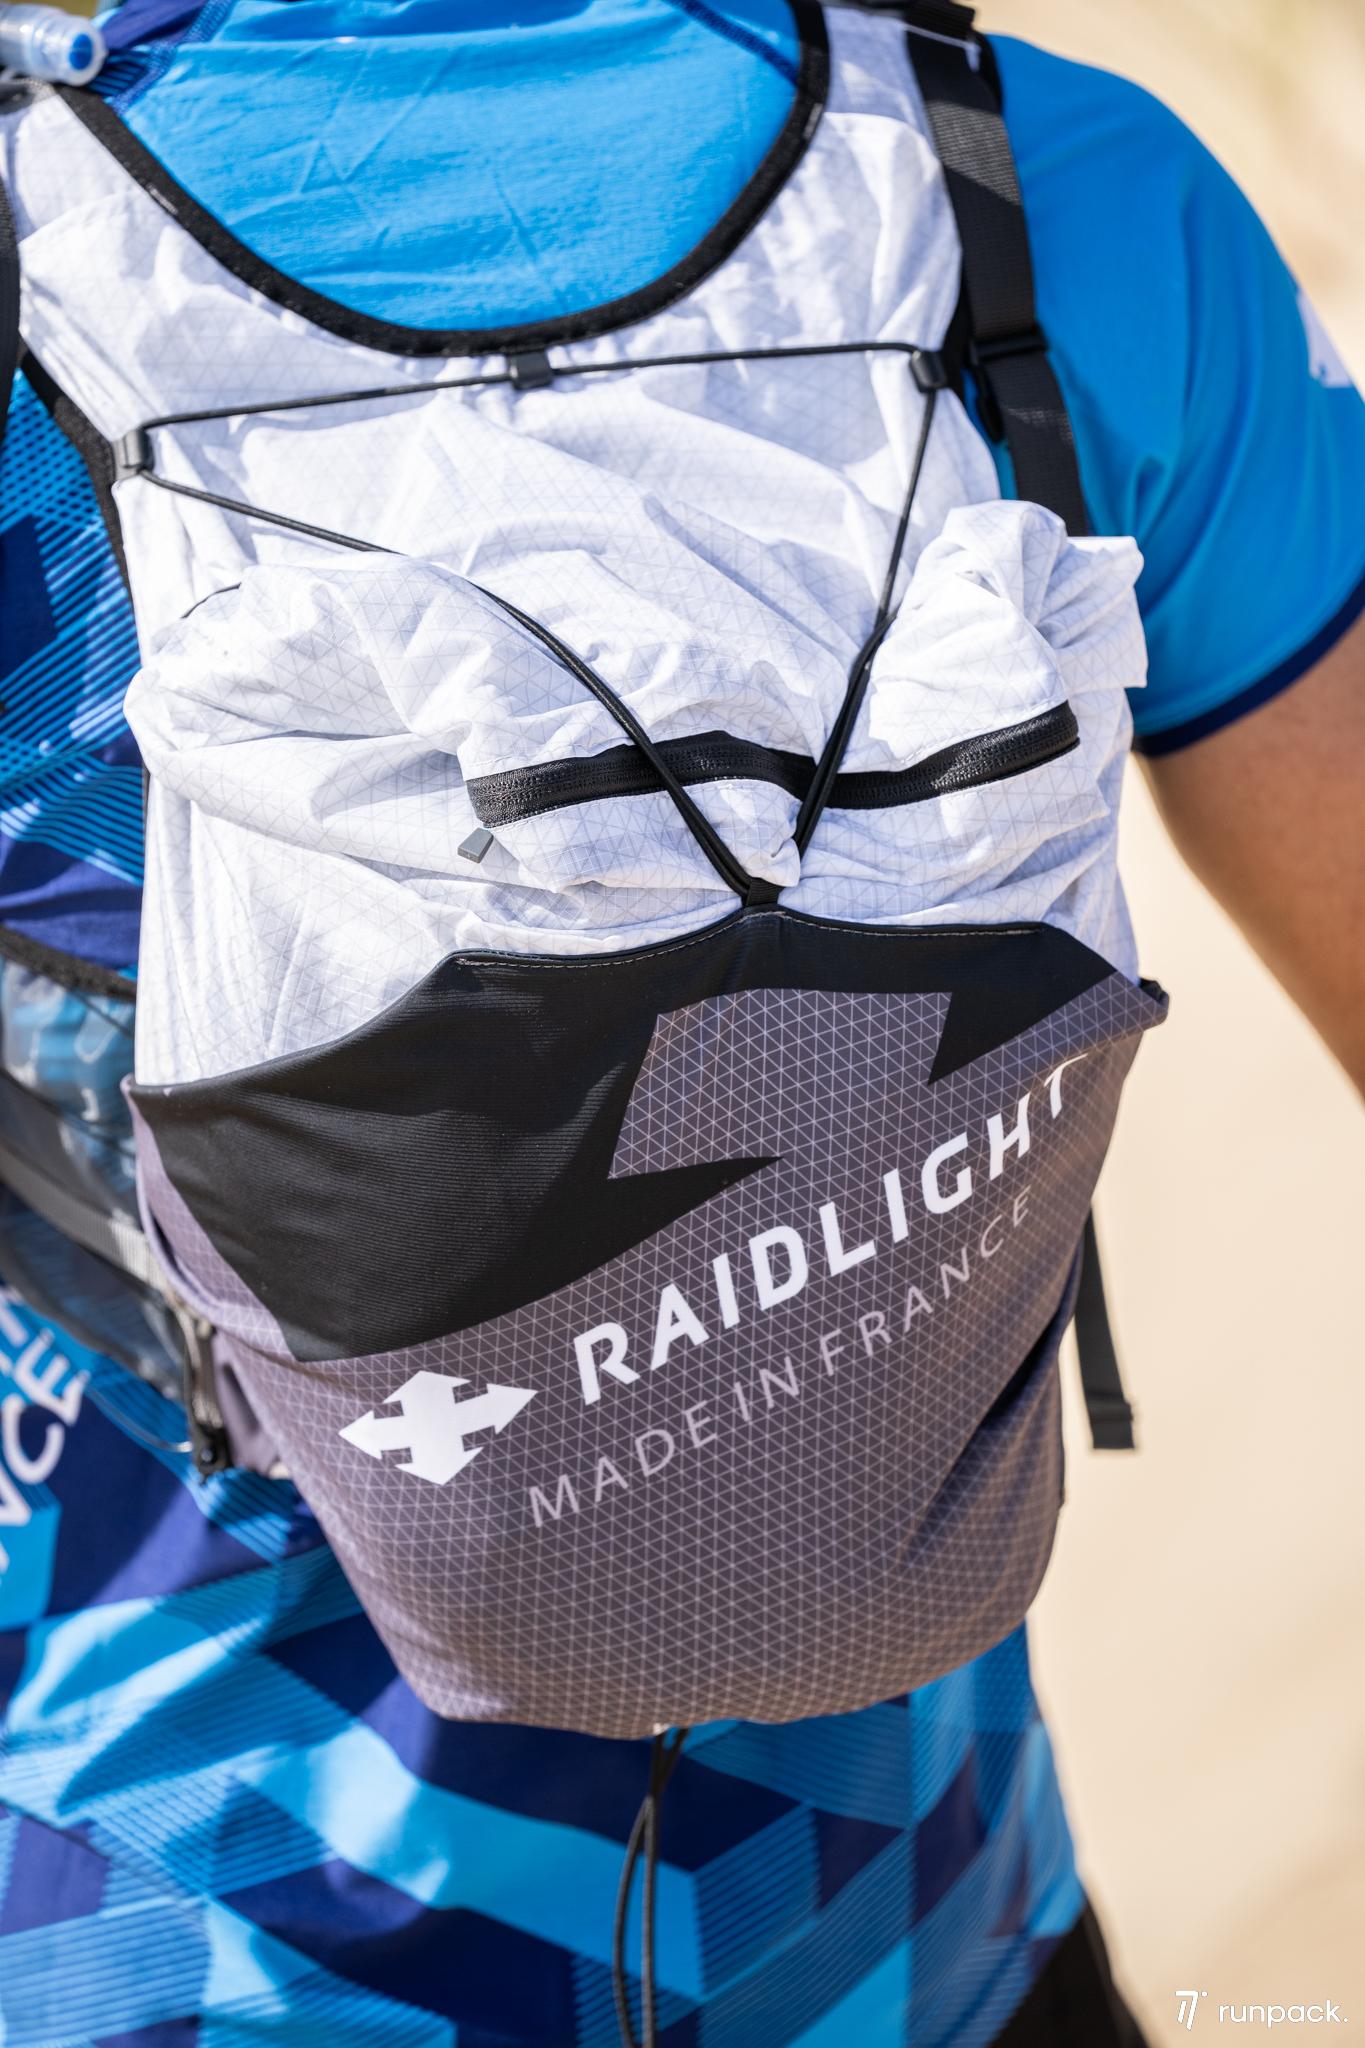 raidlight présentation panoplies hmds runpack 2